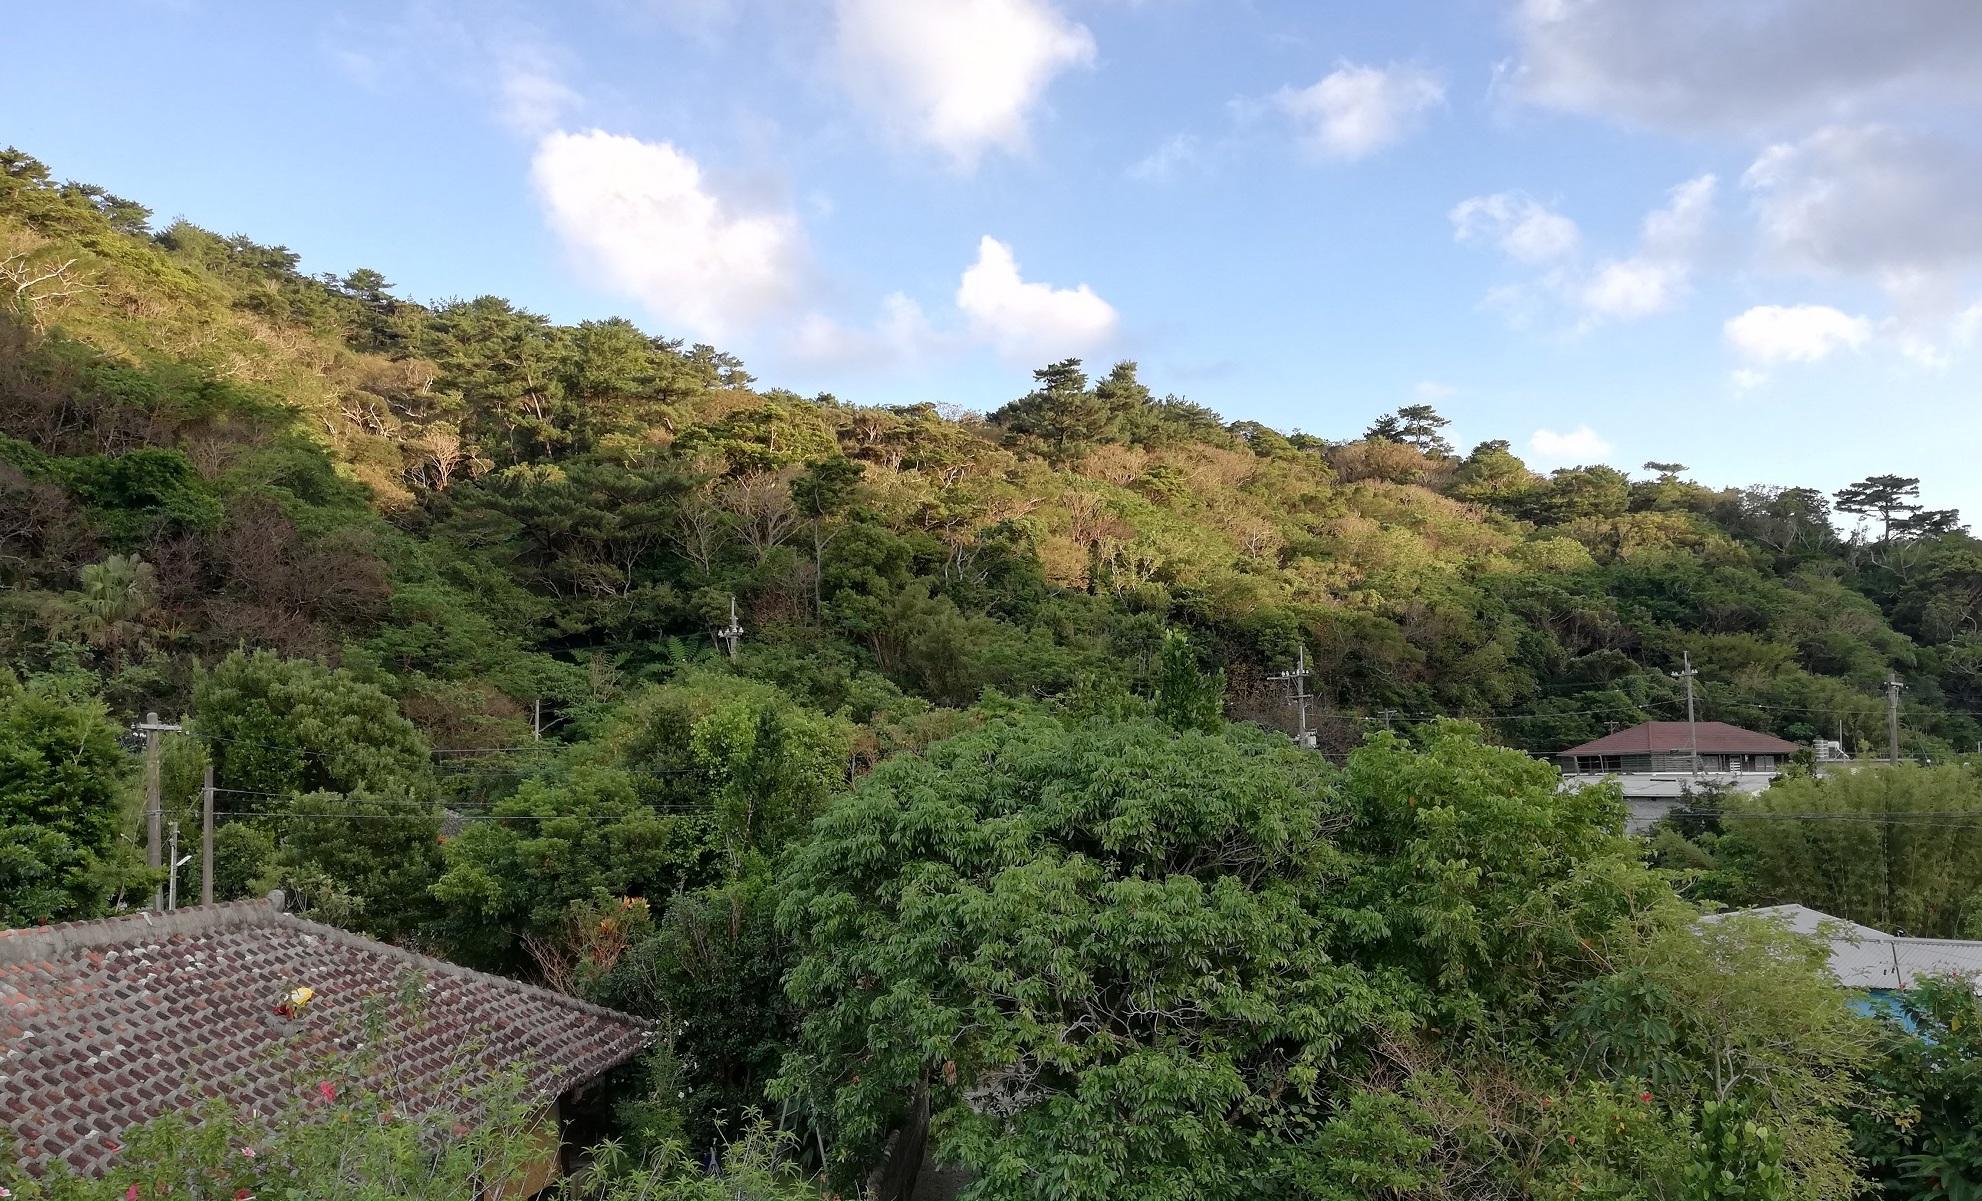 [空き家活用住宅]沖縄本島北部!やんばるの緑に囲まれた集落内の1戸建・定住促進空家活用住宅(奥)の入居者募集について